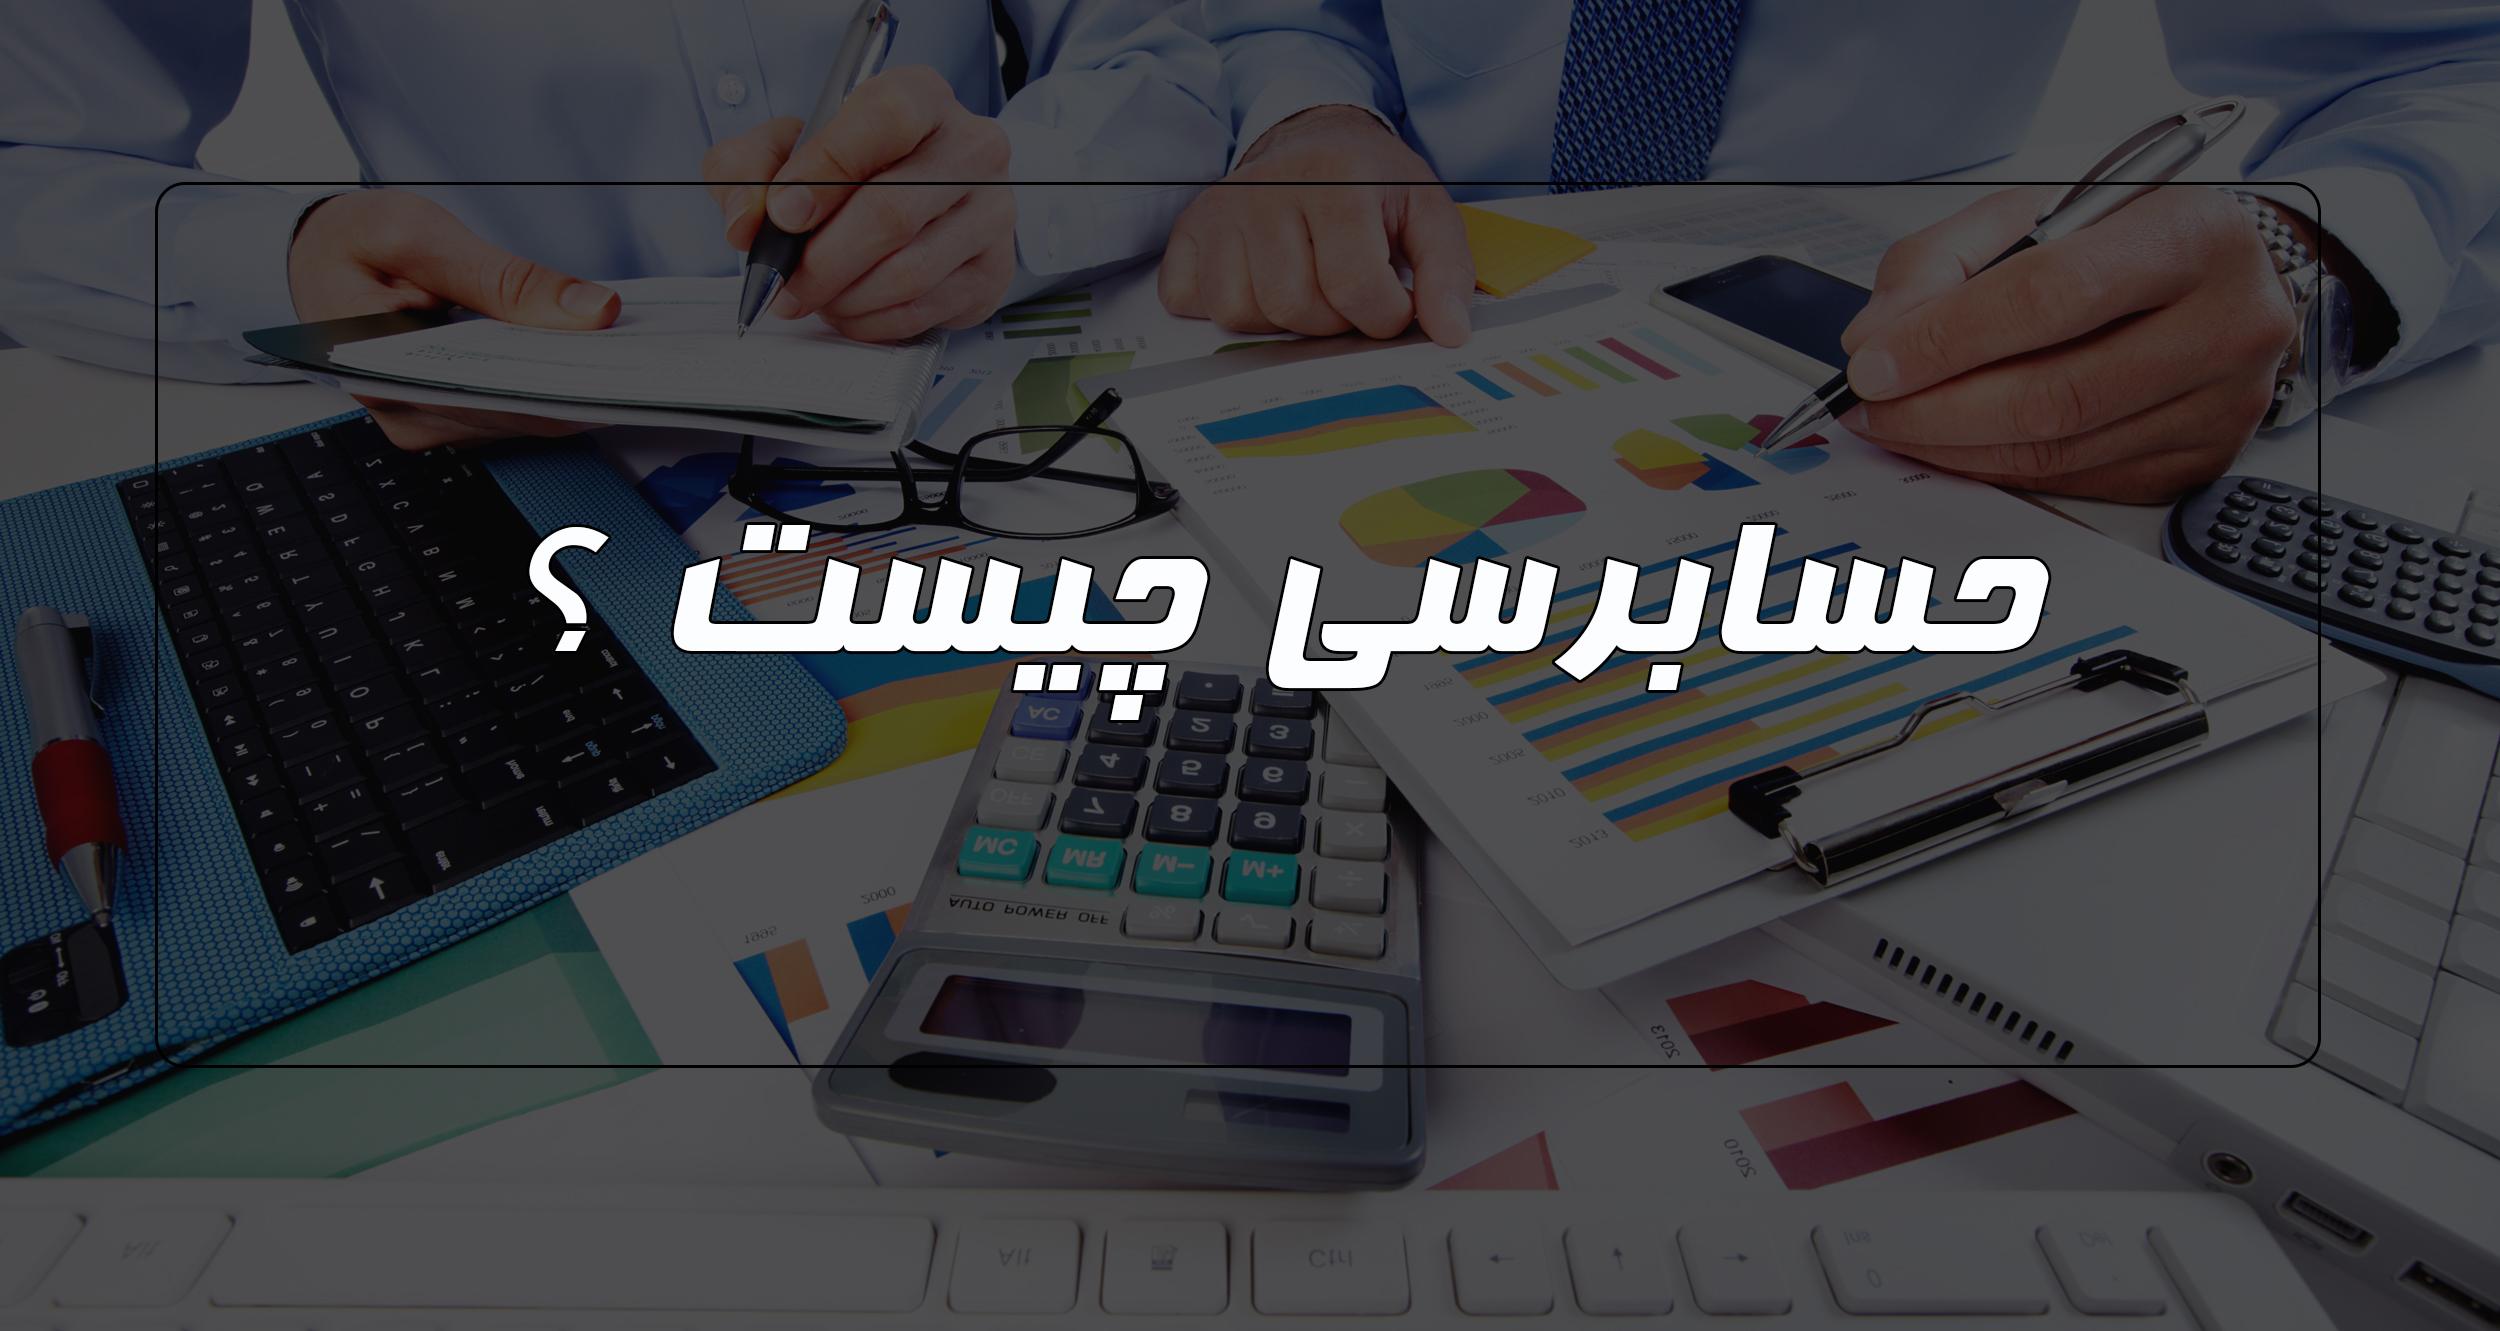 حسابرسی چیست حسابرسی صورتهای مالی